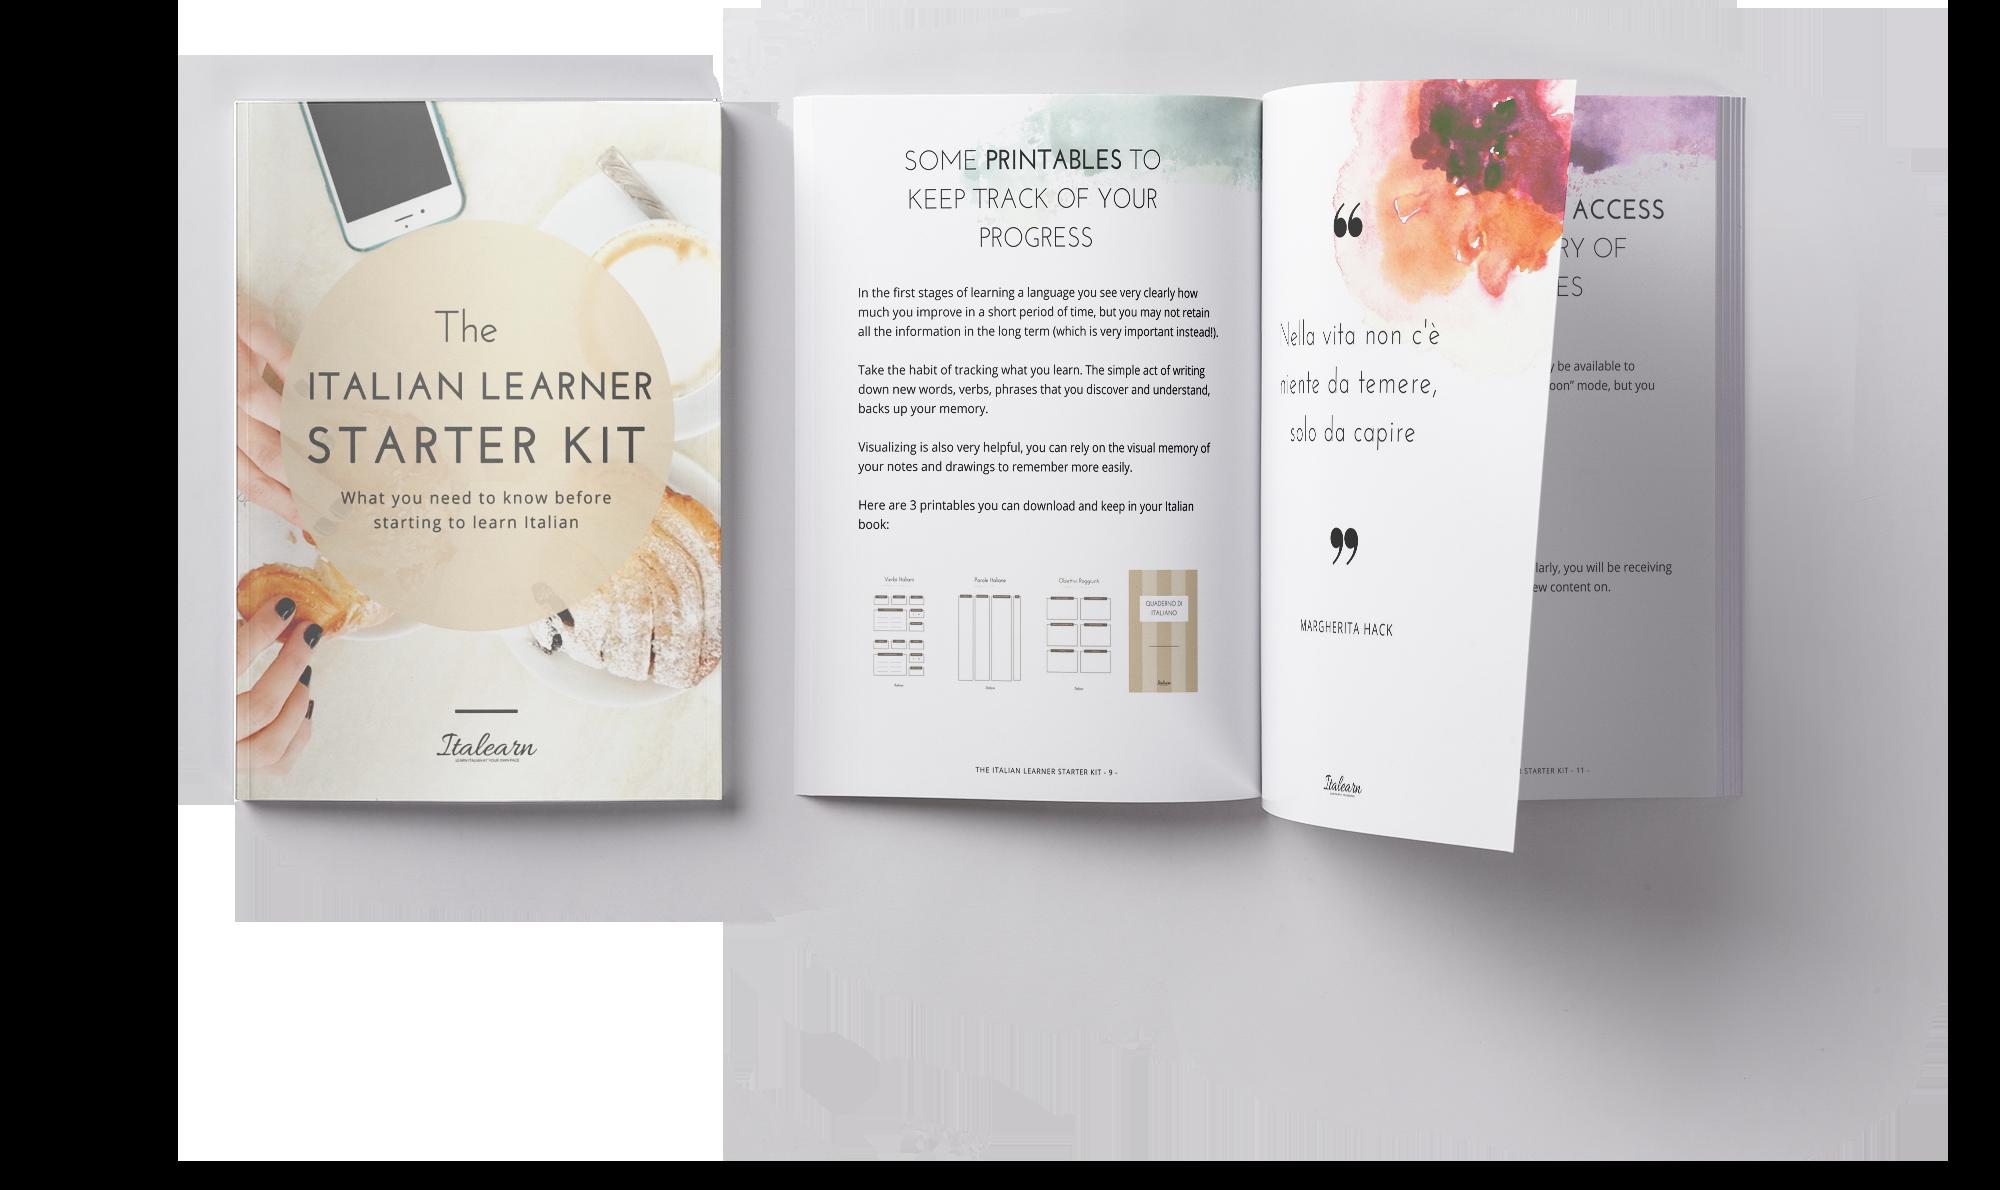 italian-learner-starter-kit-mag-italearn